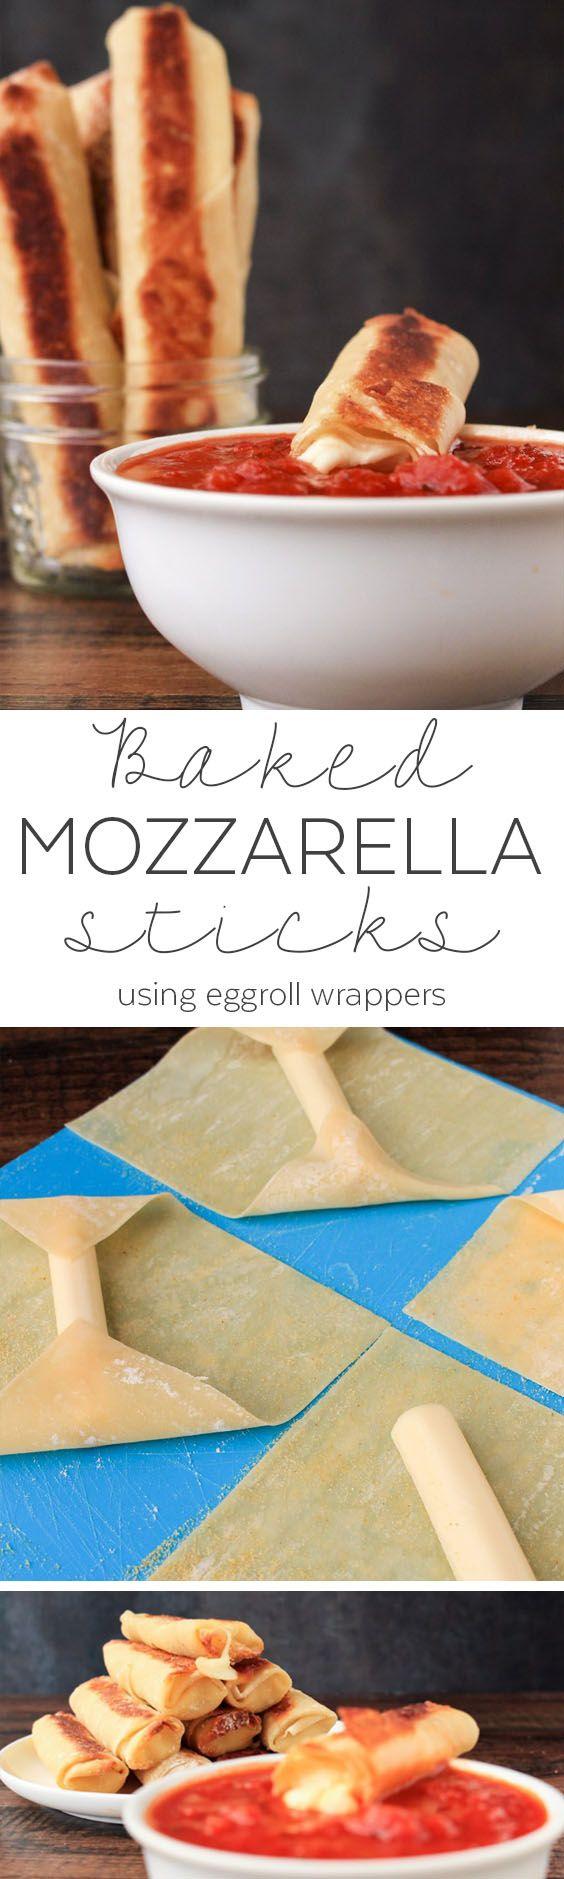 Baked Mozzarella Sticks @frugalitygal